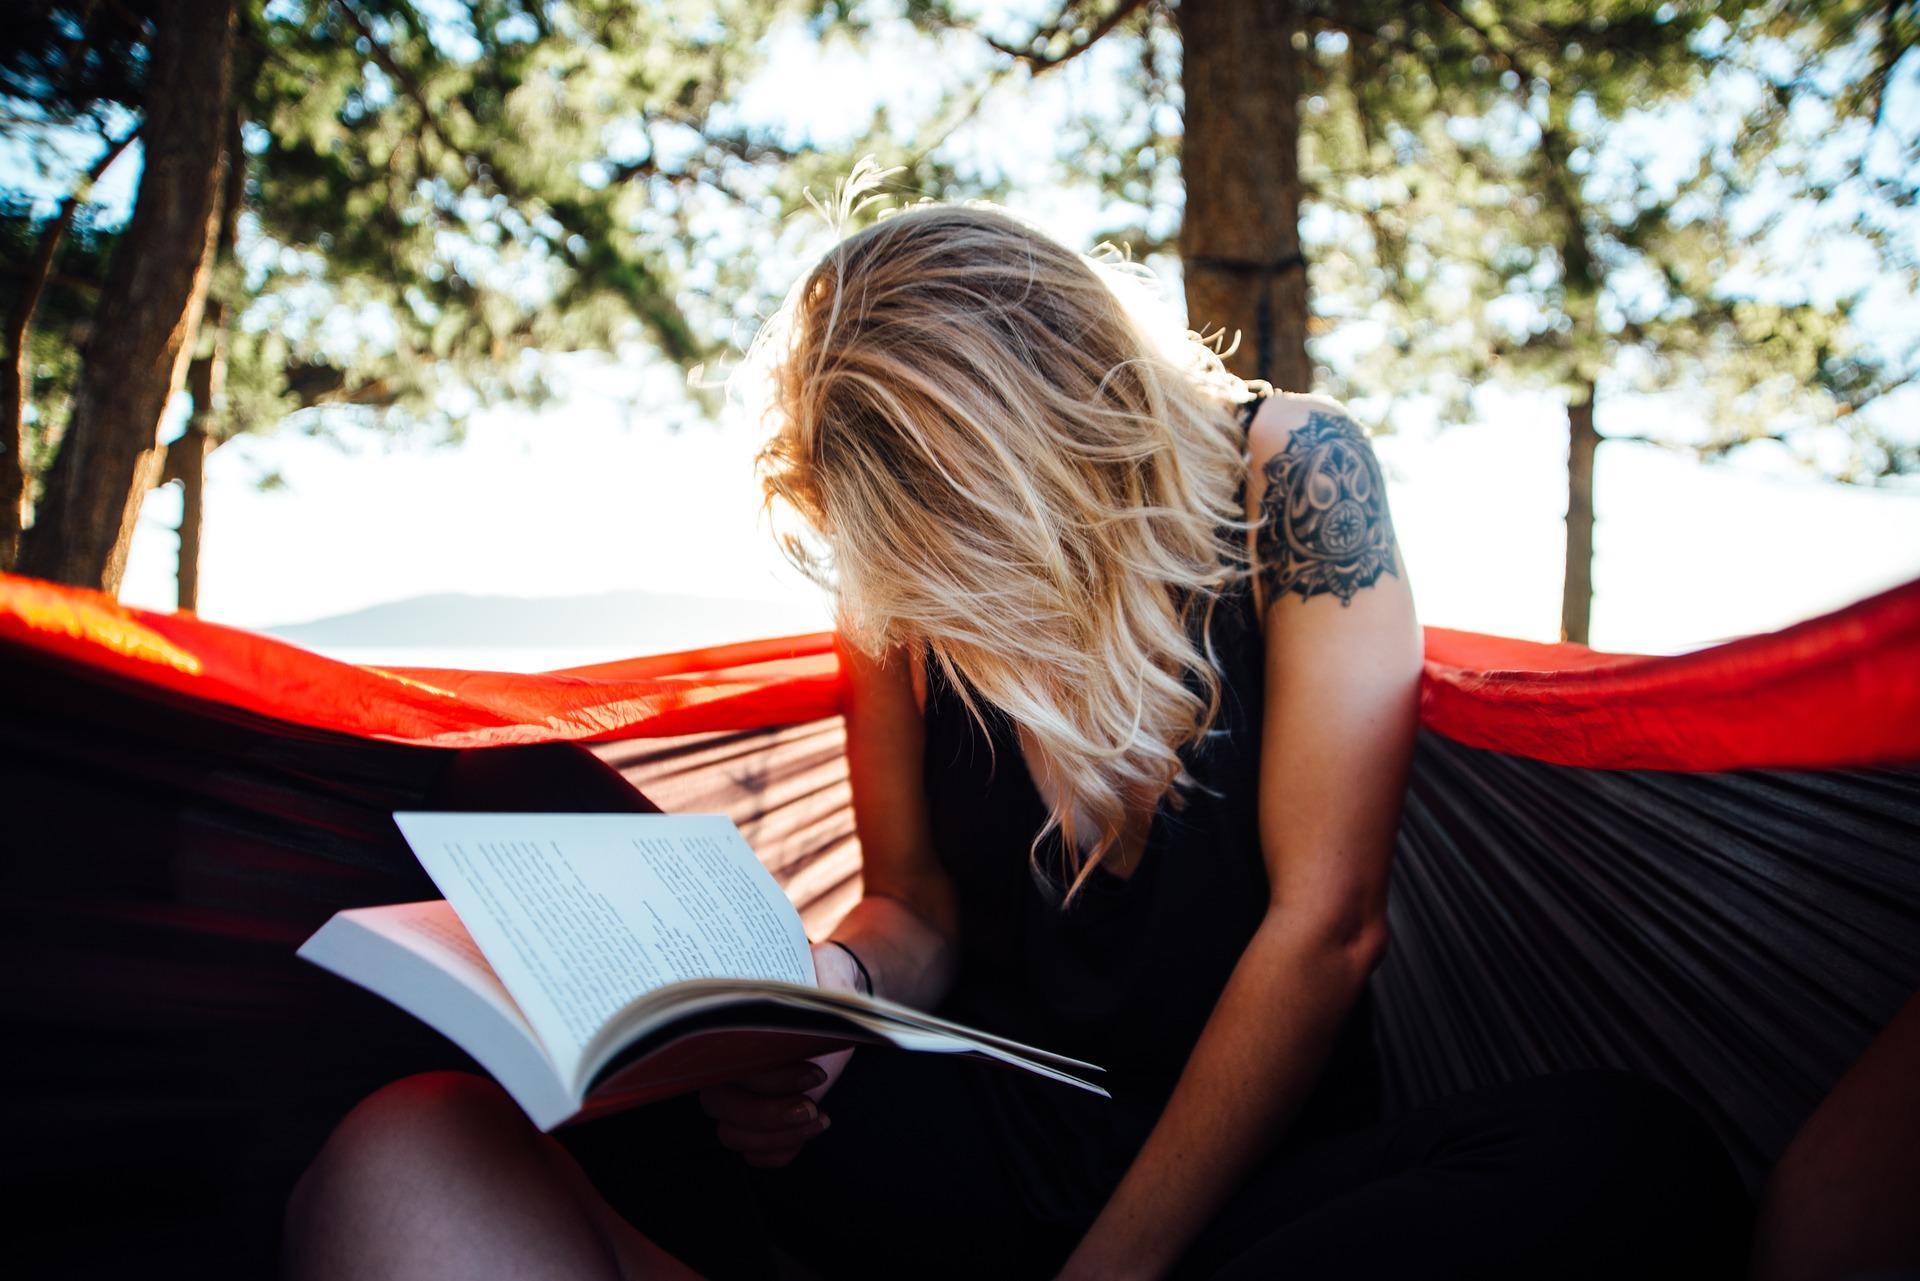 Bin ich introvertiert? Dieser Artikel schafft Klartext